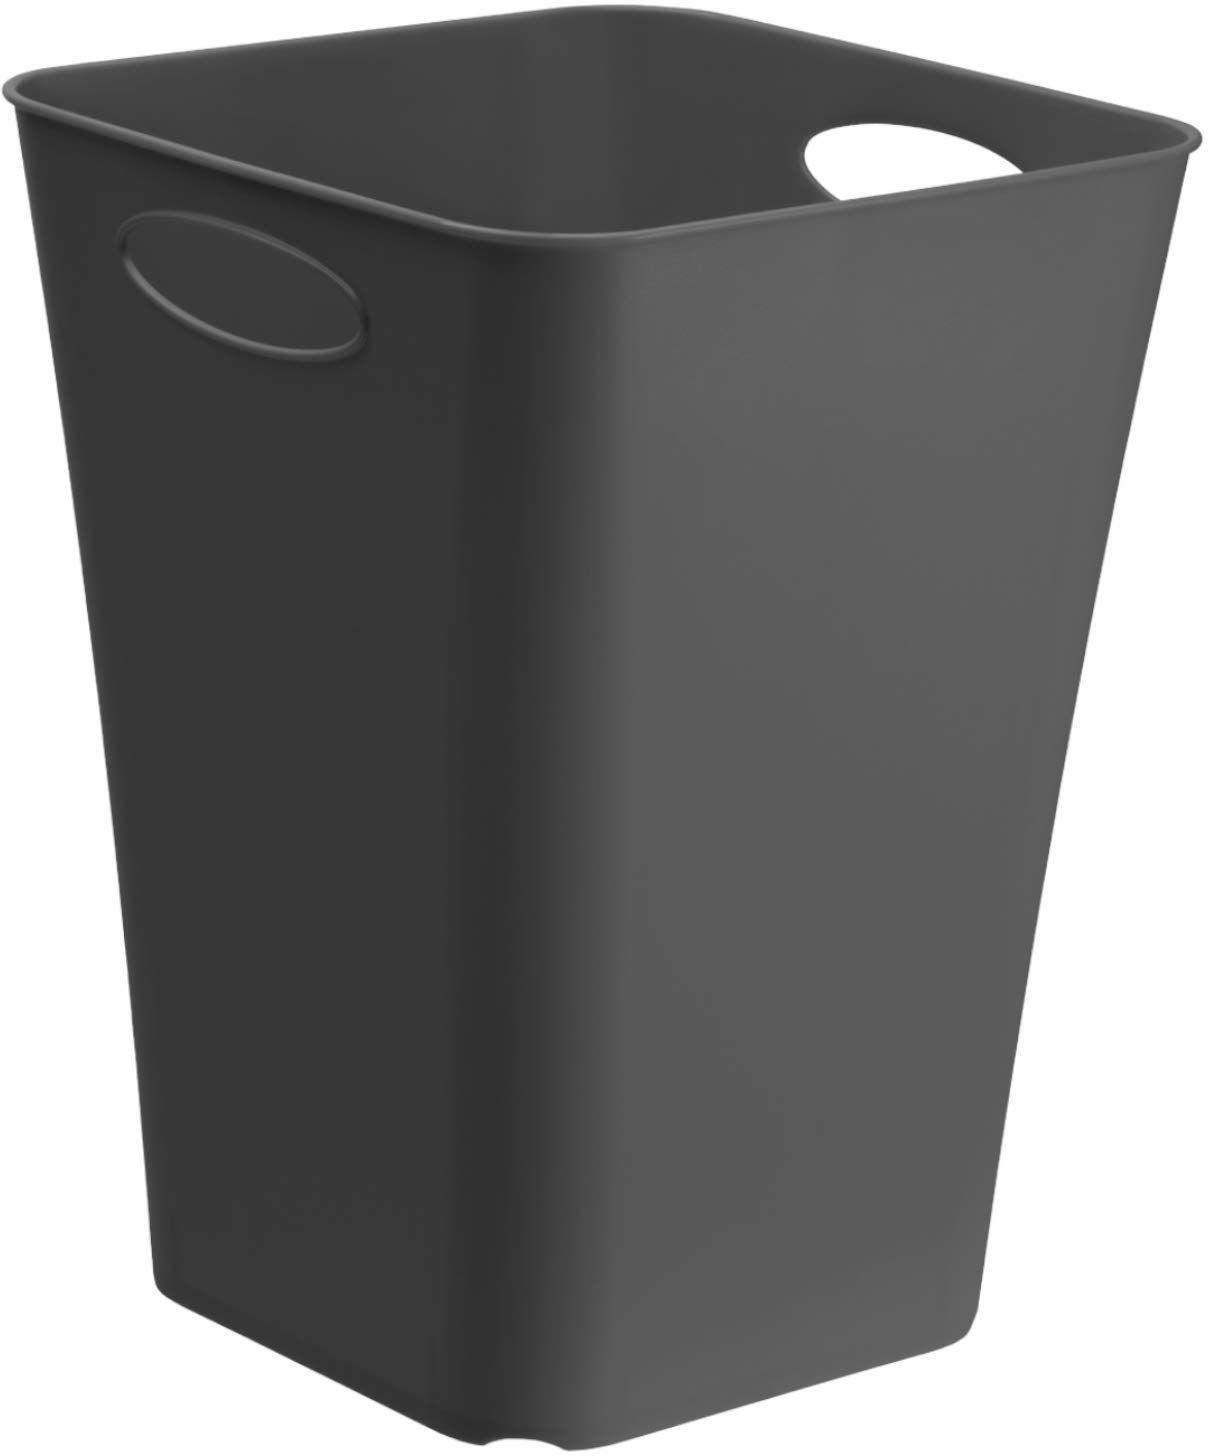 Rotho Living kwadratowe pudełko do przechowywania 23 l, tworzywo sztuczne (PP), nie zawiera BPA, antracyt, 23 l (29,5 x 29,5 x 39,5 cm)